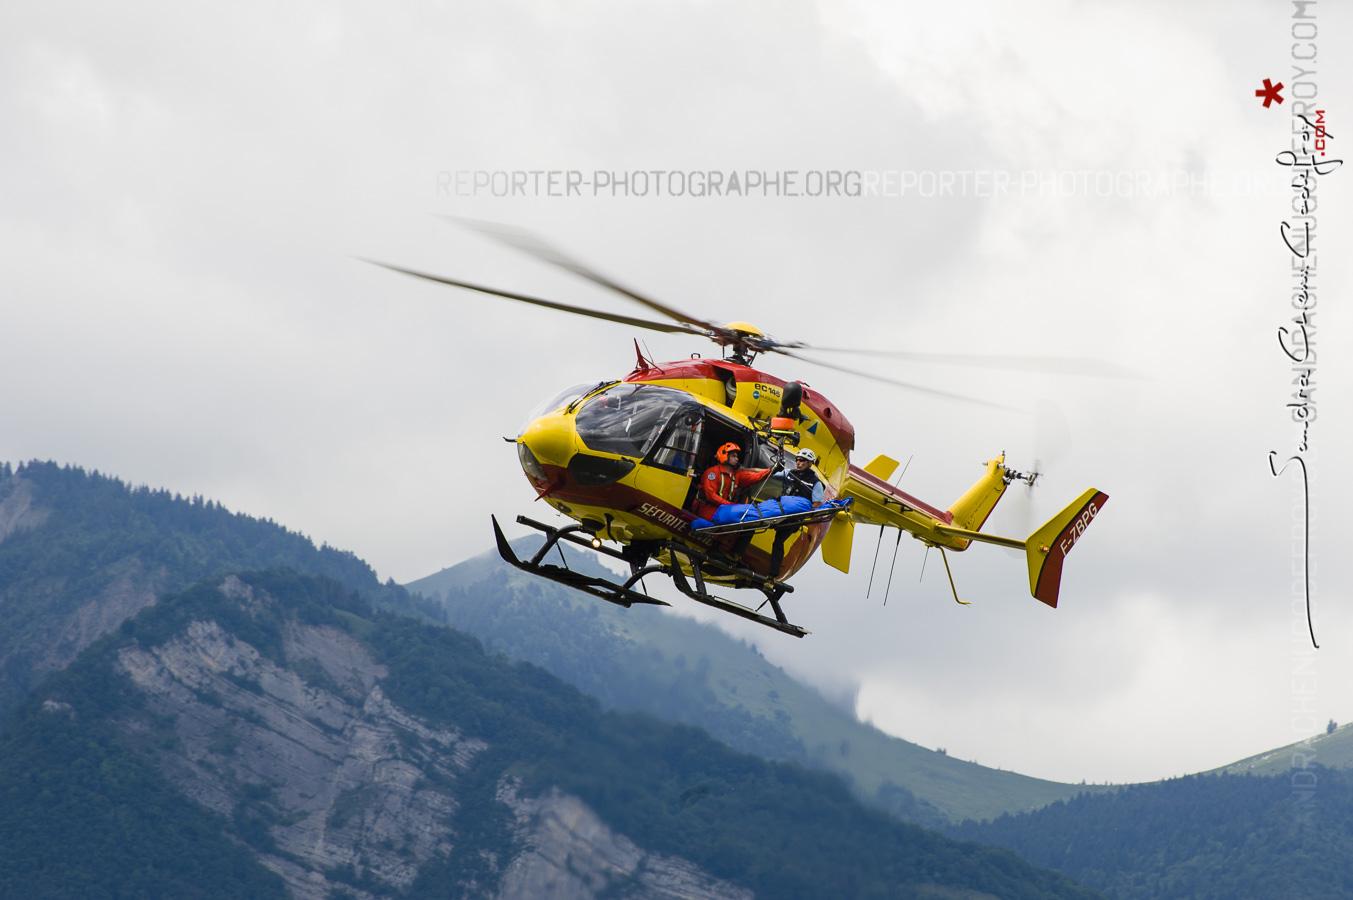 Hélicoptère Dragon 38 du Secours en montagne [Ref: 2311-07-0471]